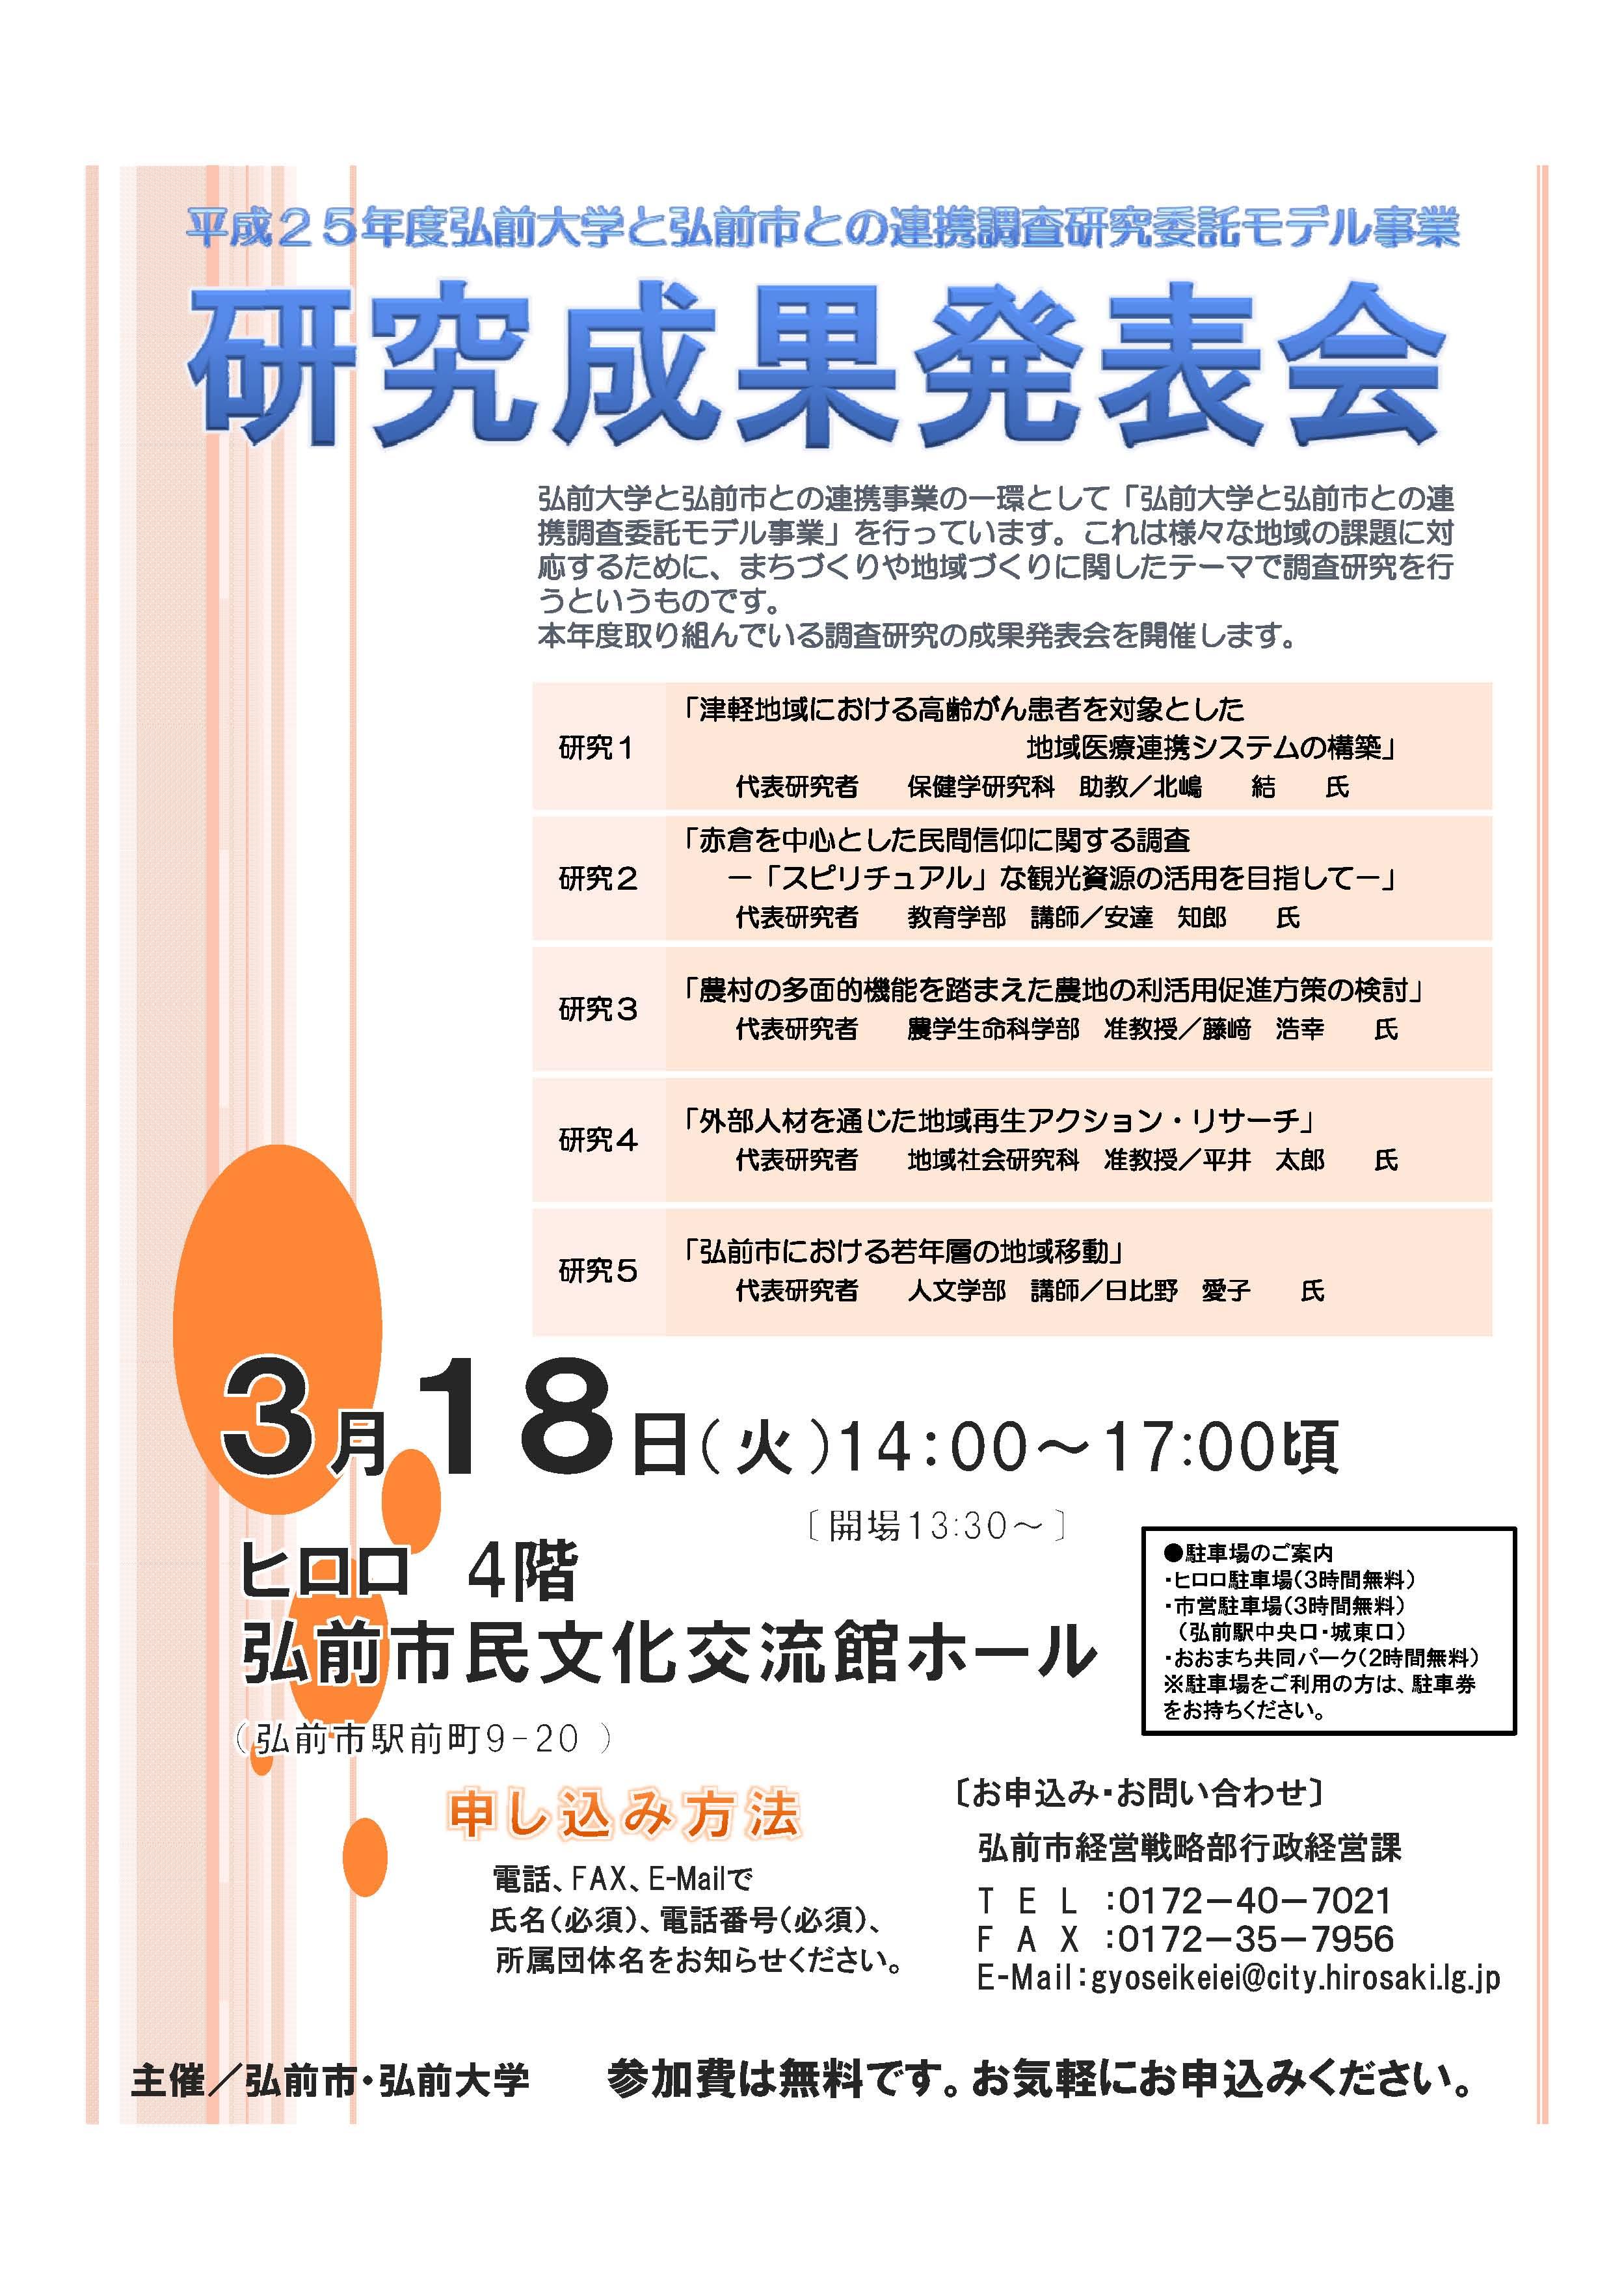 25弘前市モデル事業成果発表会チラシ260318